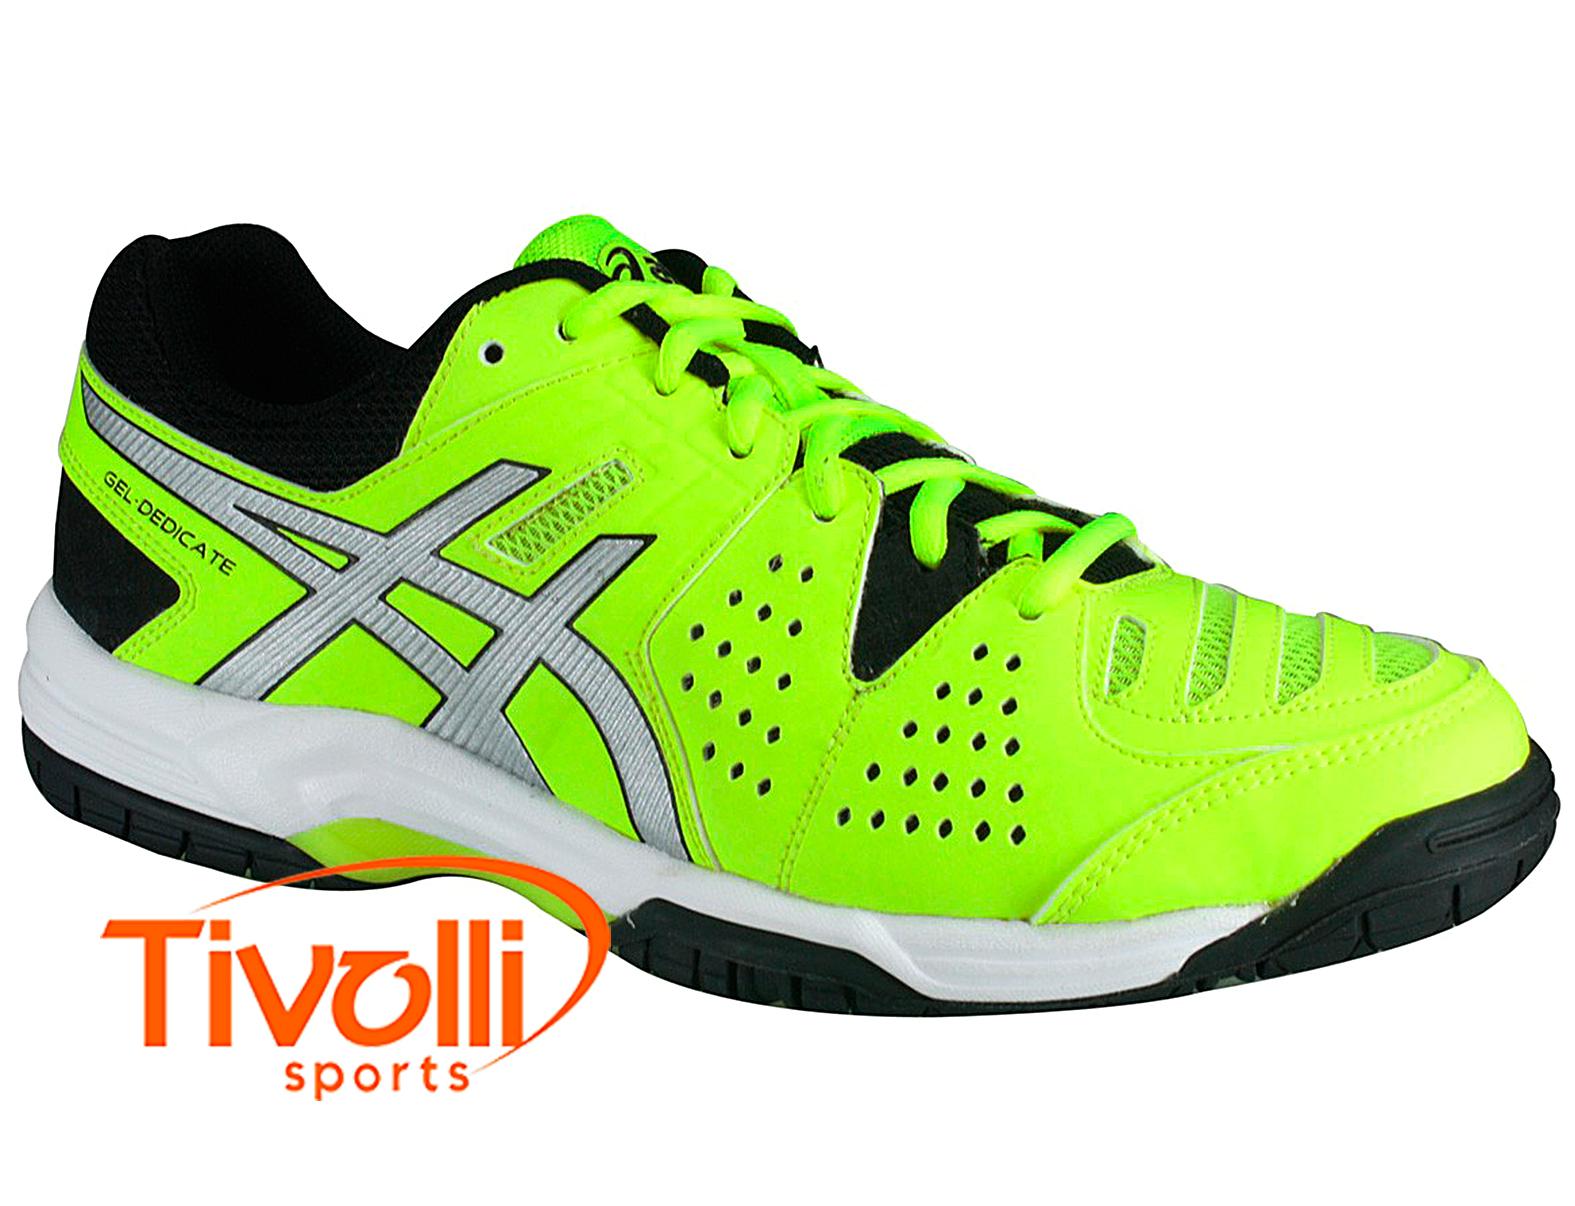 Apropiado chasquido monitor  Raquete Mania > Tênis Asics > Gel Dedicate 4 Verde Limão